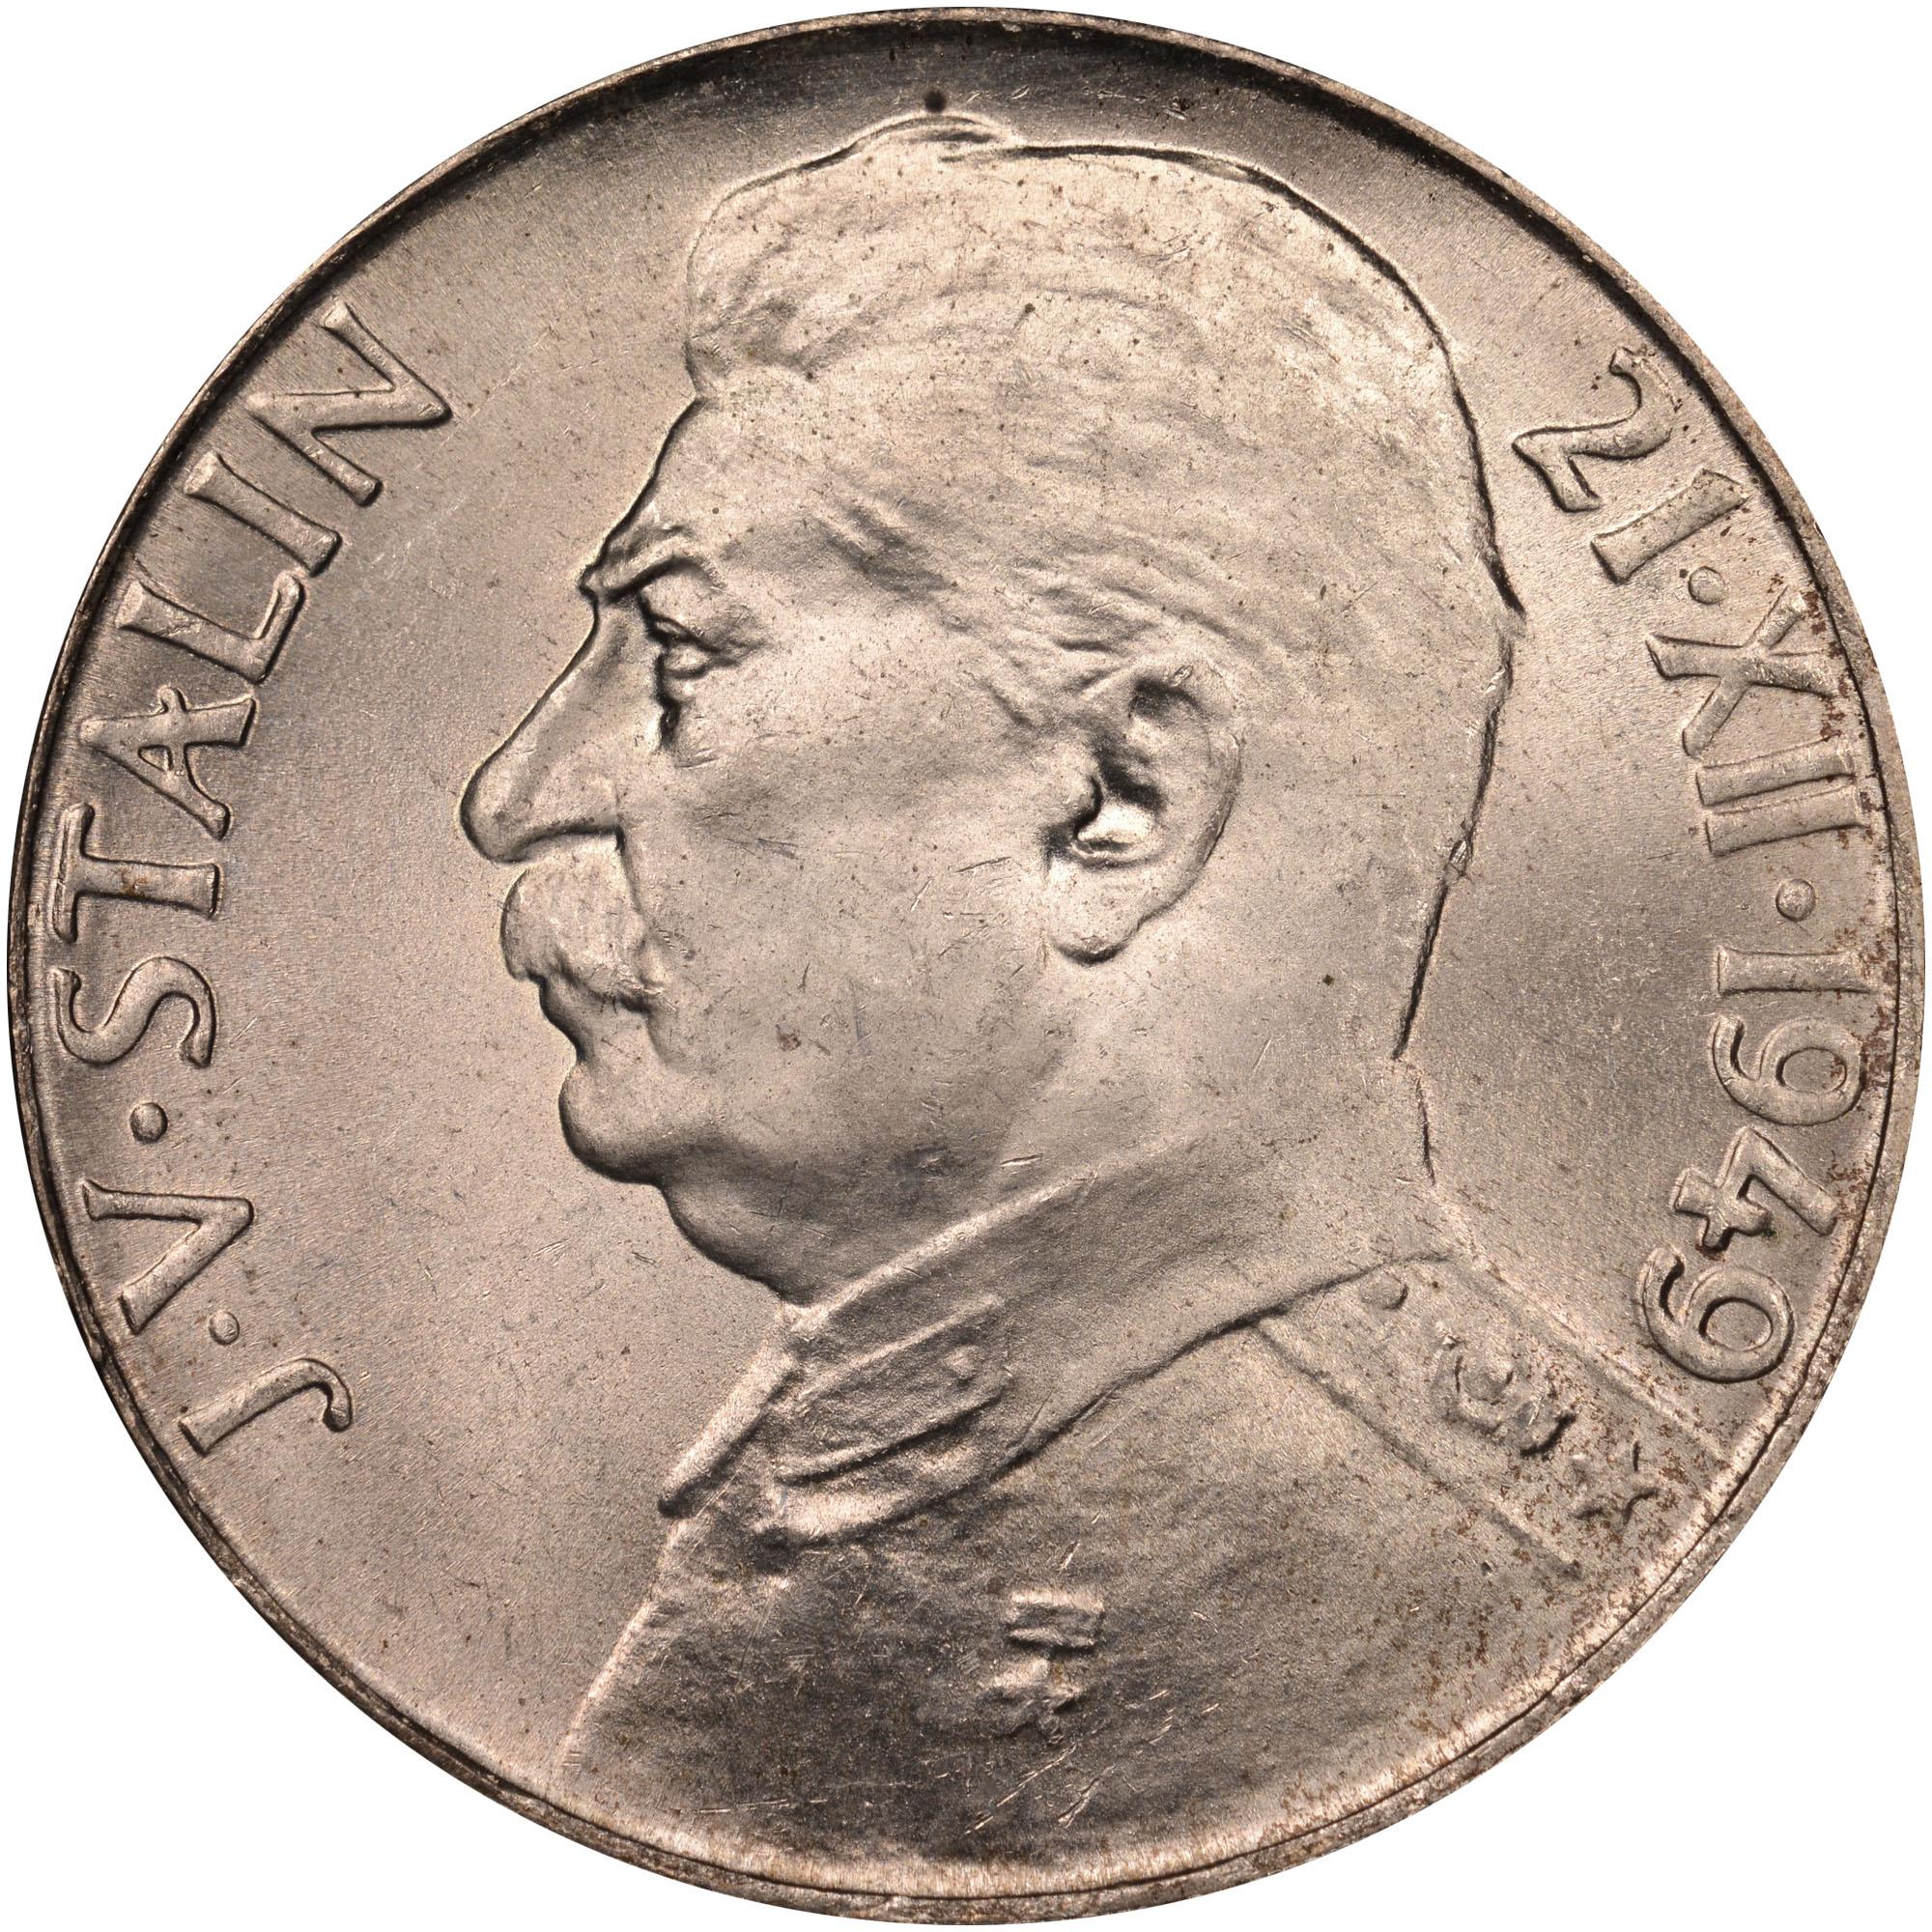 1949 Czechoslovakia 100 Korun reverse